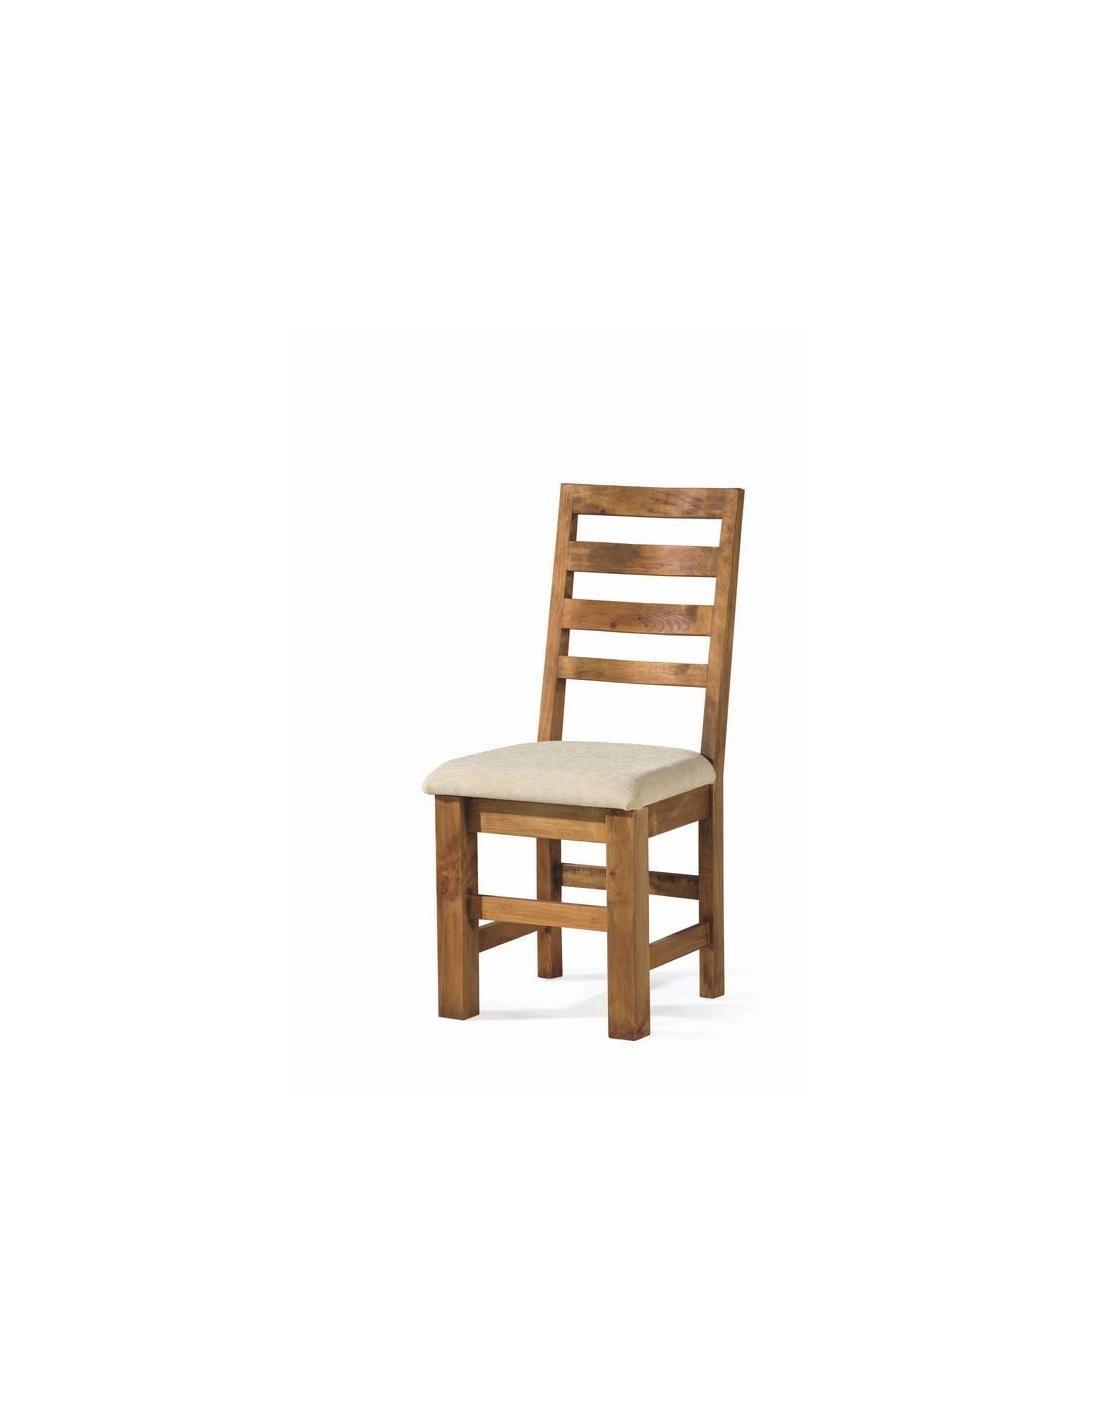 Comprar silla de comedor rustica asiento tapizado 50032 zoom - Sillas rusticas de madera para comedor ...